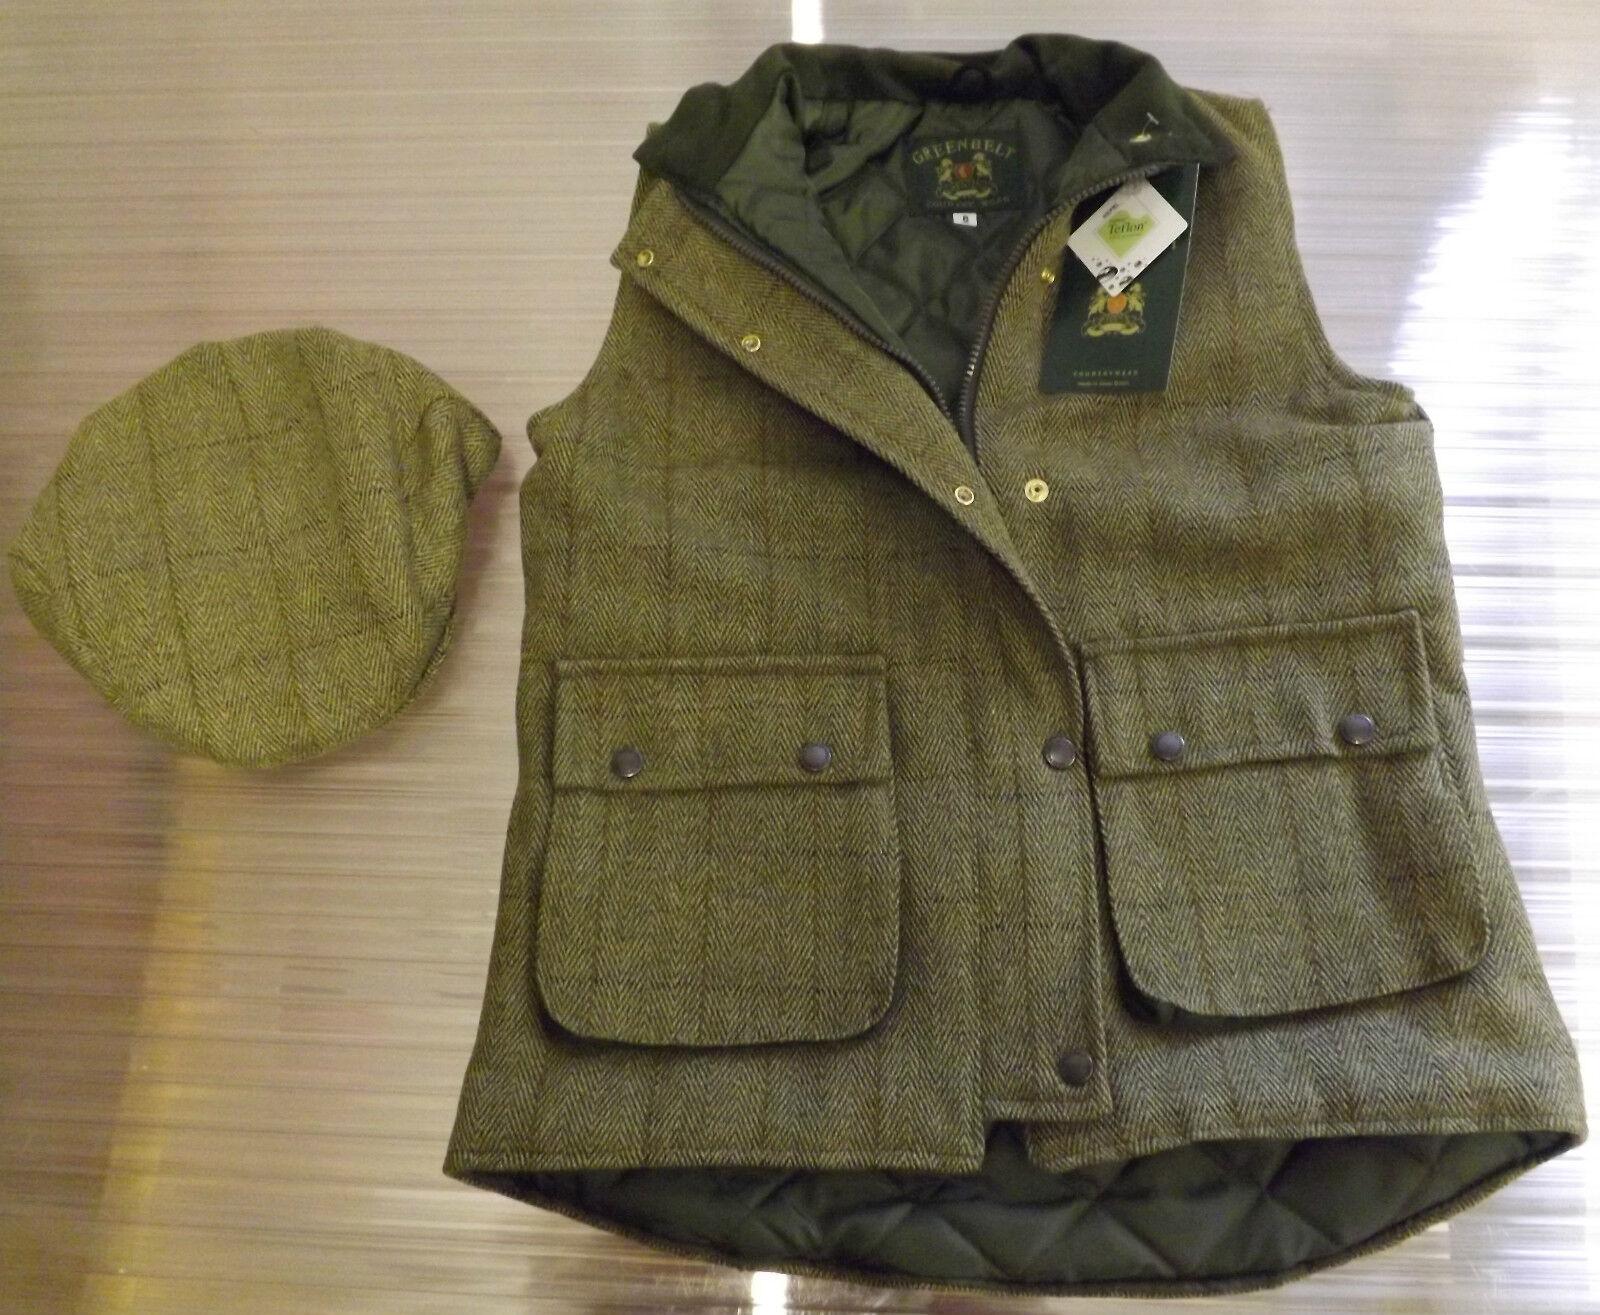 NUOVO donna lana di qualità montati verde Tweed Panciotto corrispondenza Tweed Berretto Piatto